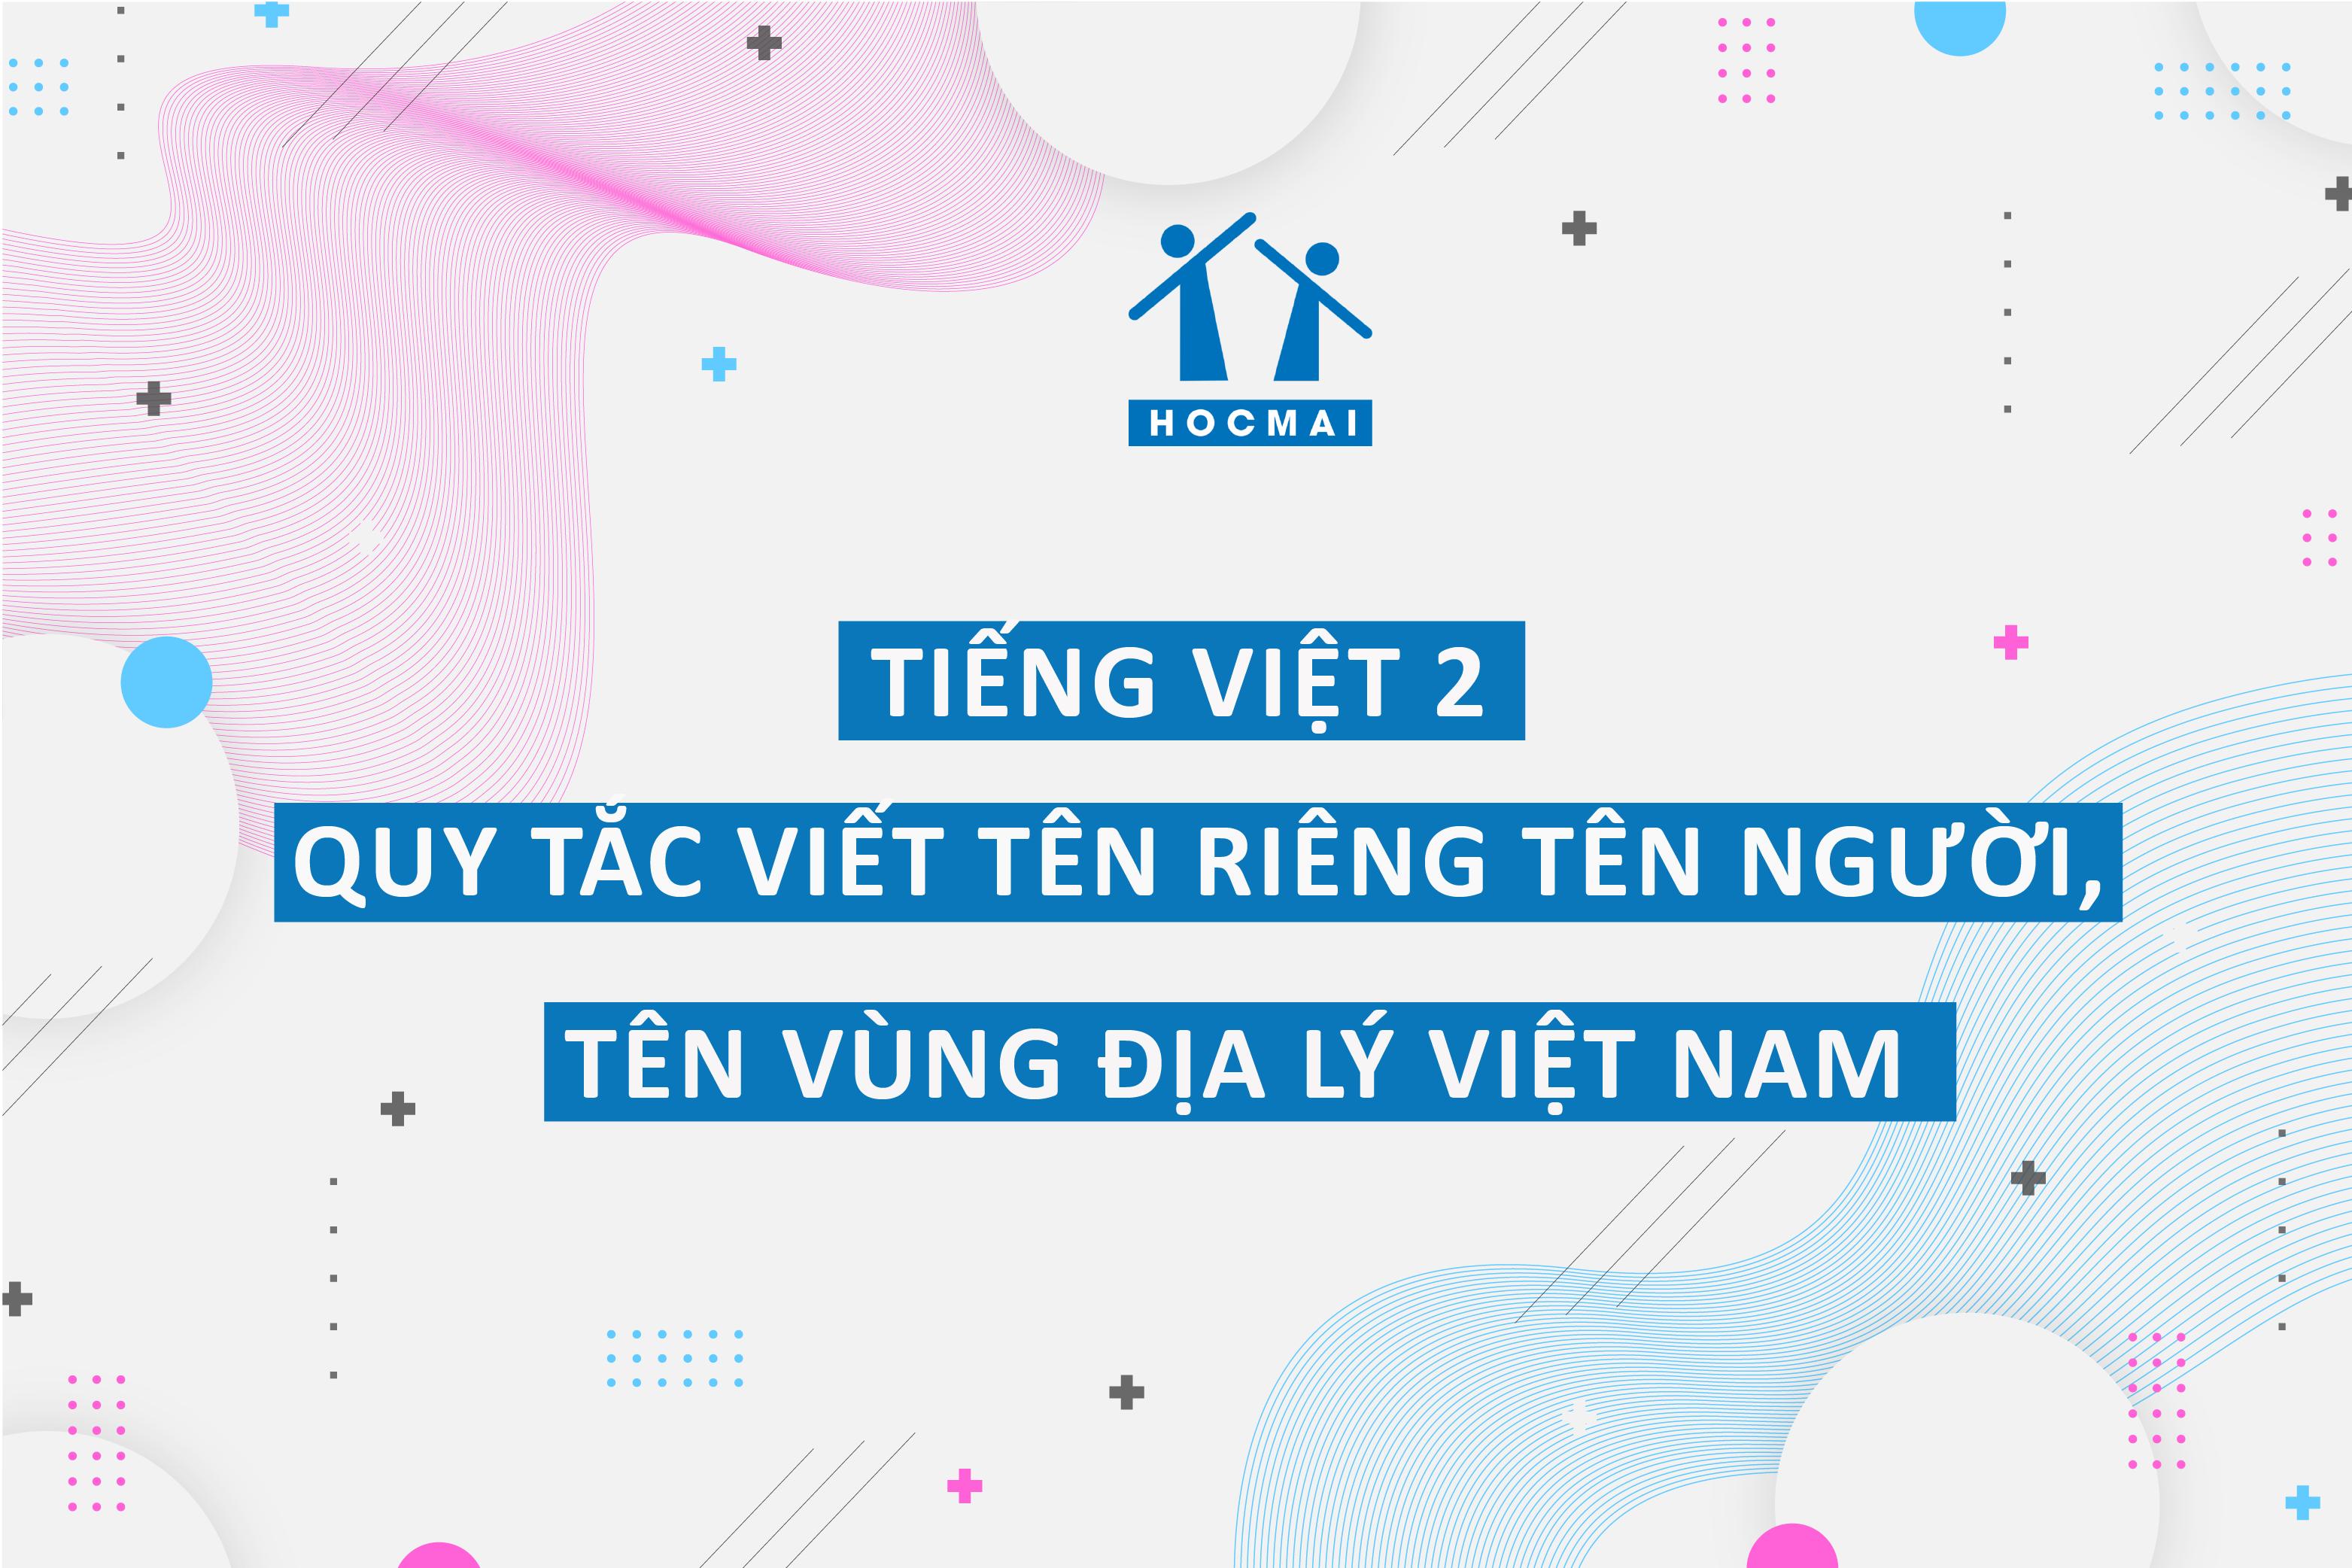 Tài liệu 2: Quy tắc viết tên riêng người Việt, tên riêng địa lí Việt Nam